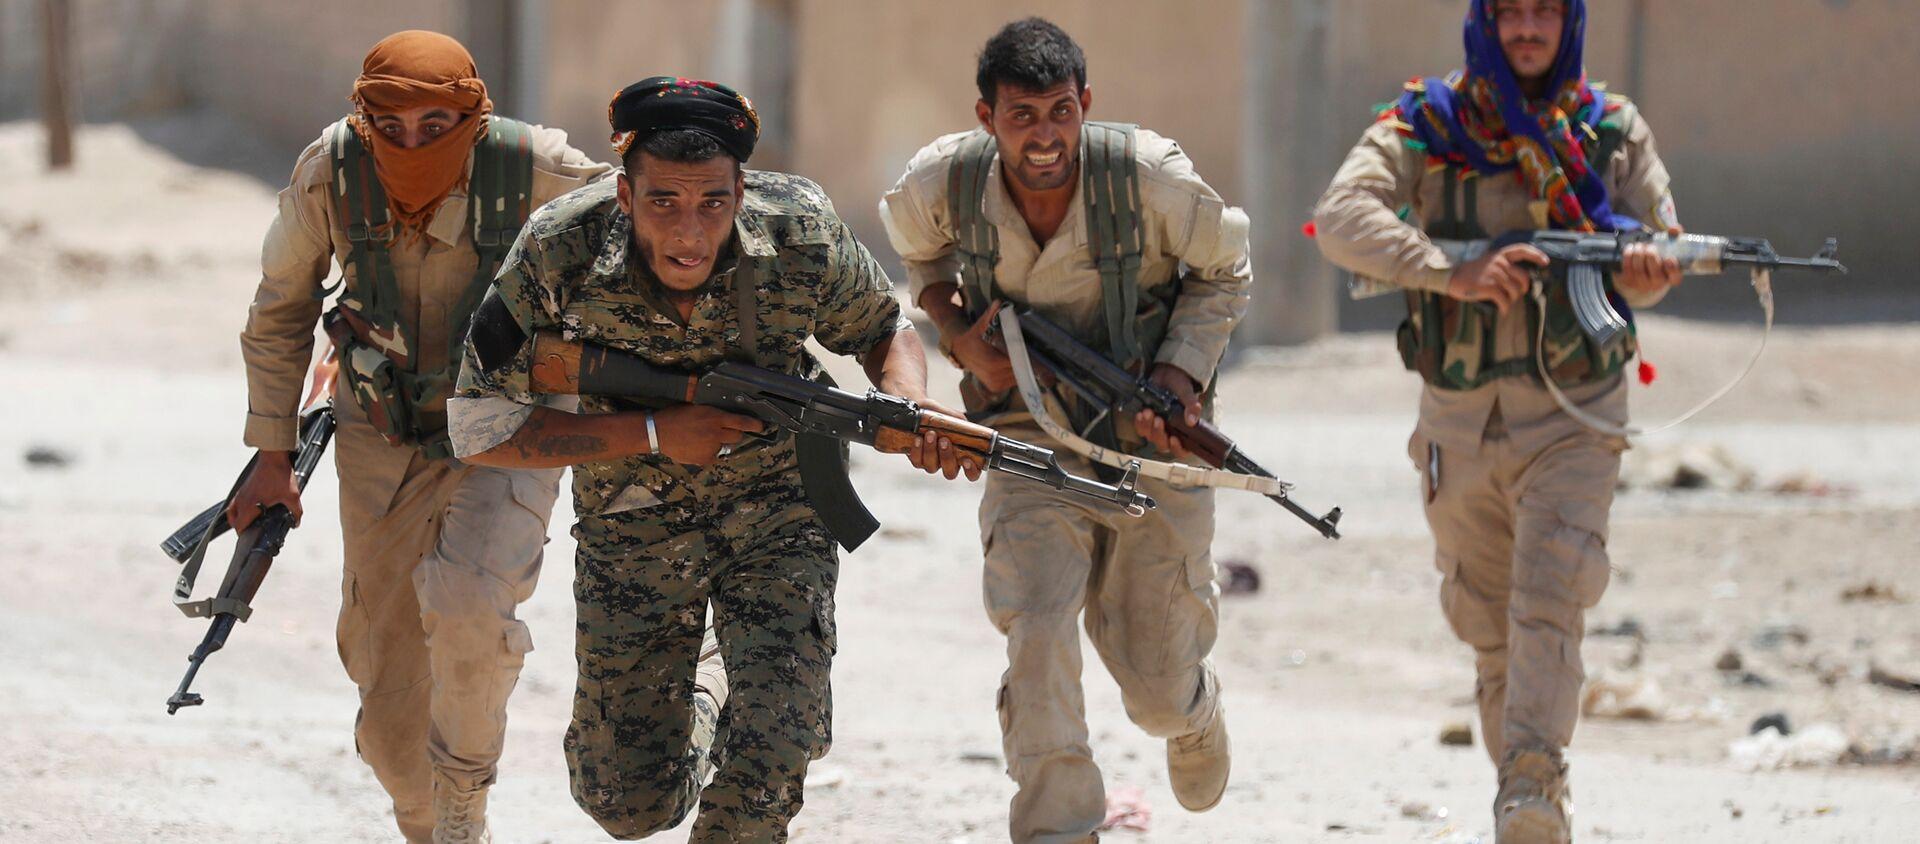 Milices kurdes  - Sputnik France, 1920, 21.07.2021